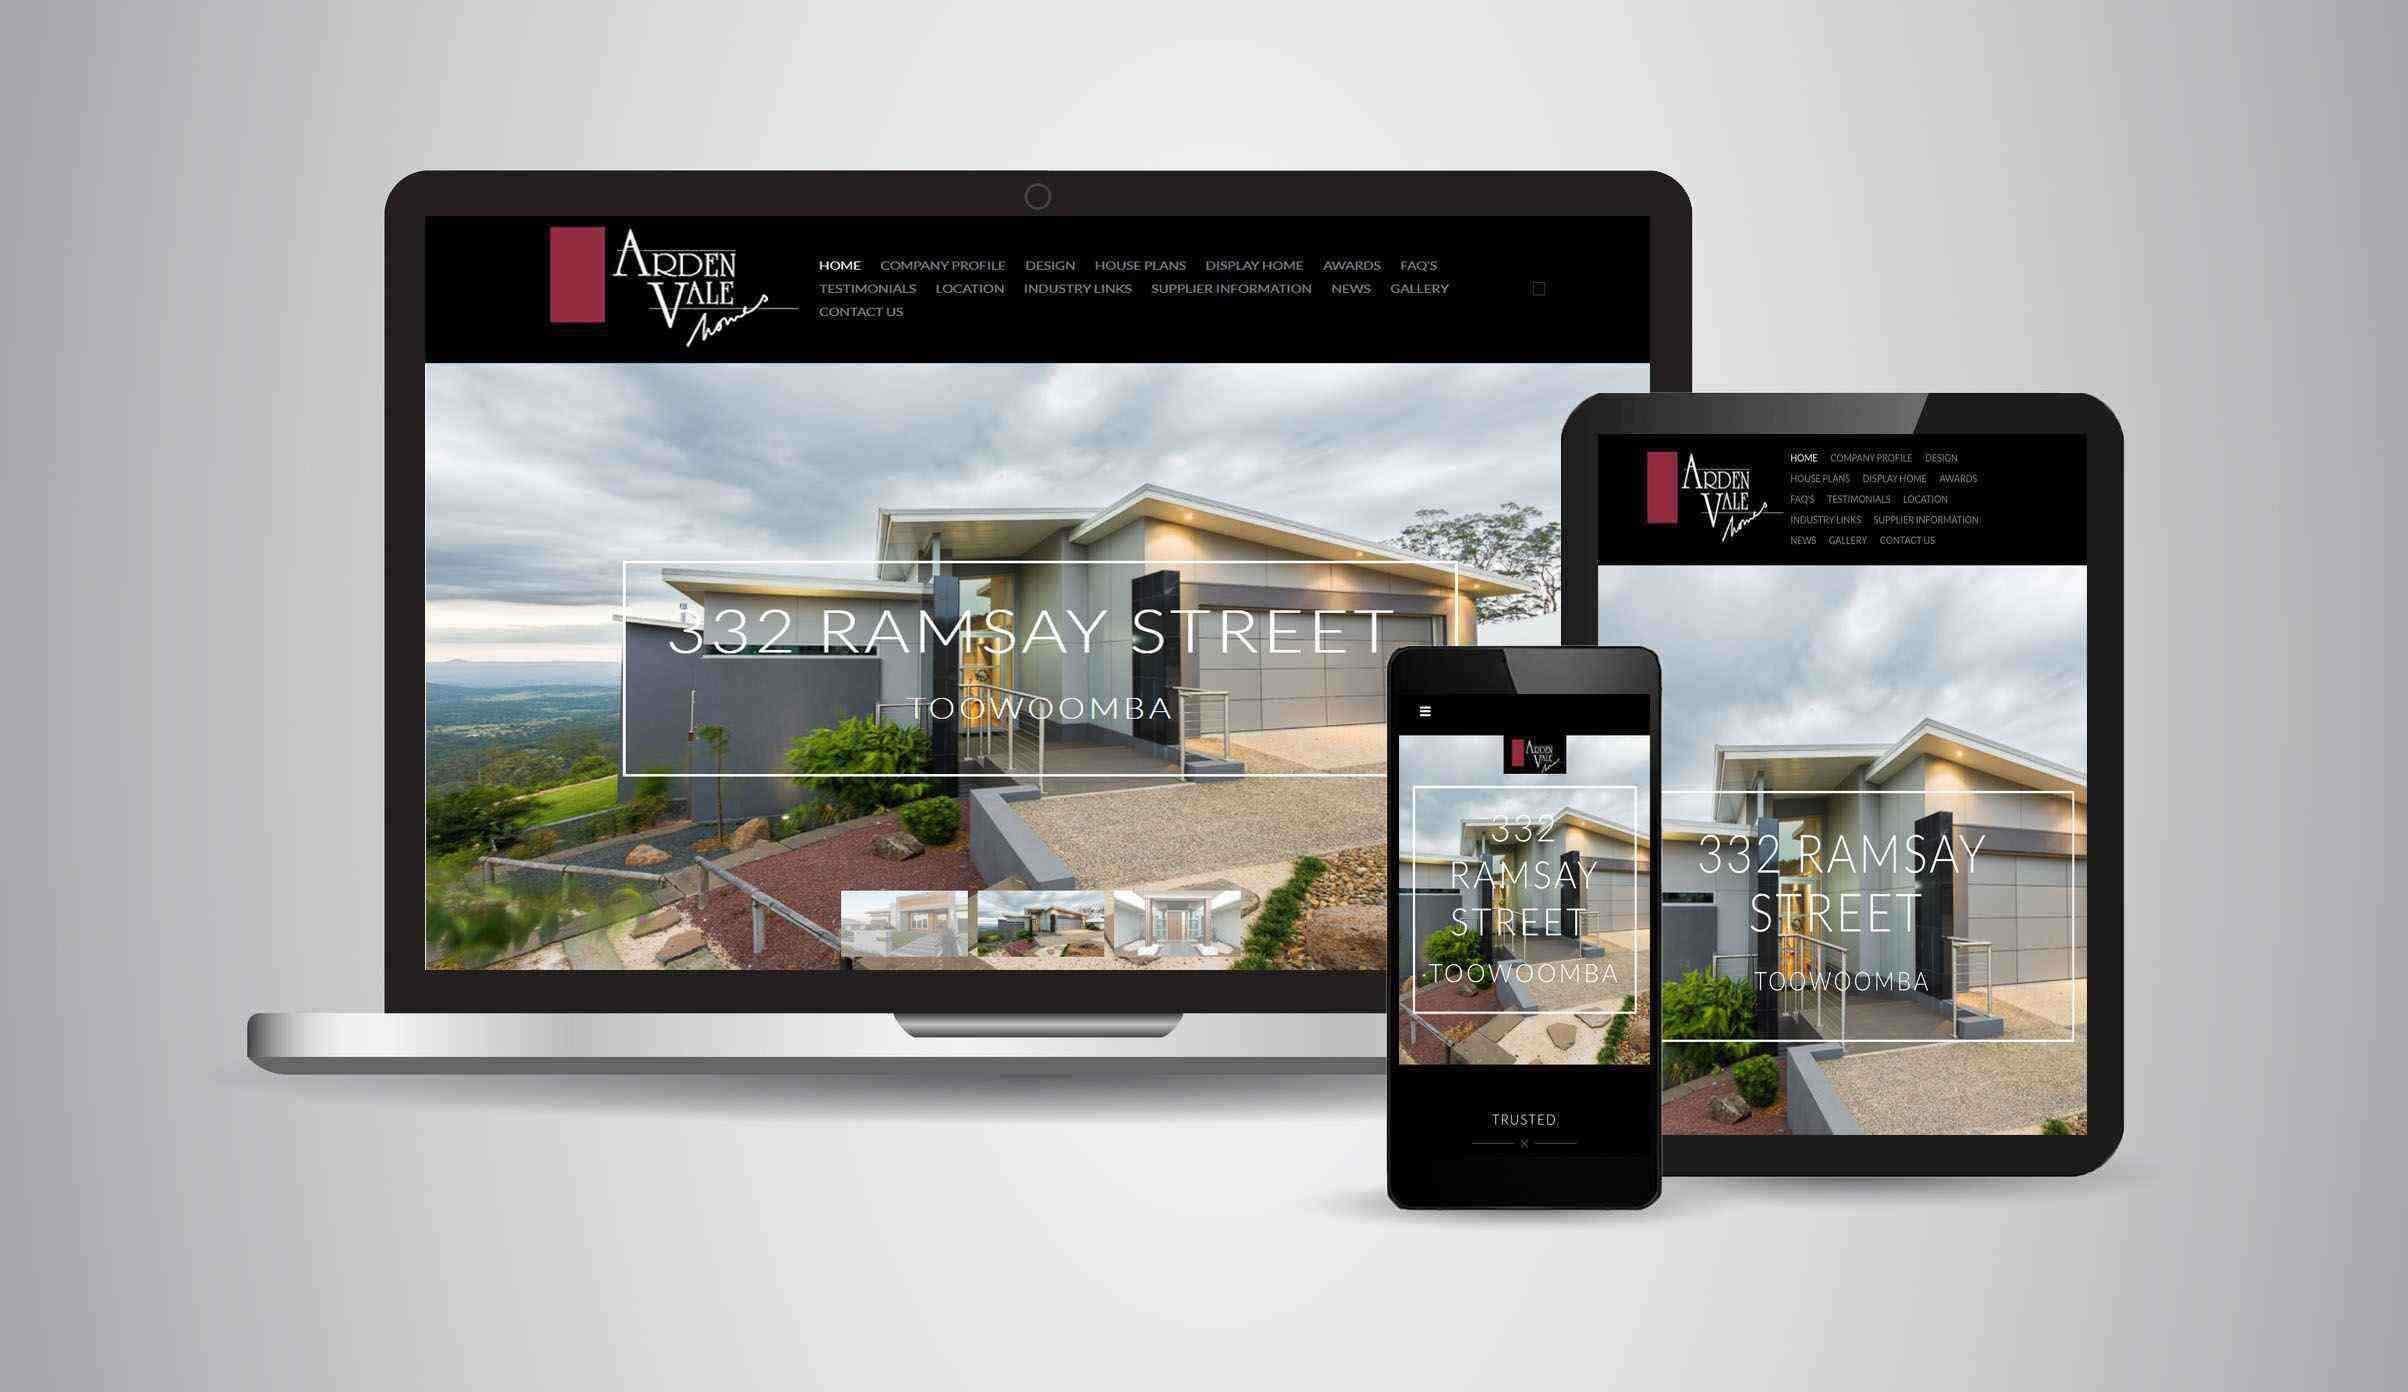 Arden Vale Homes - Website Designer Brisbane Portfolio